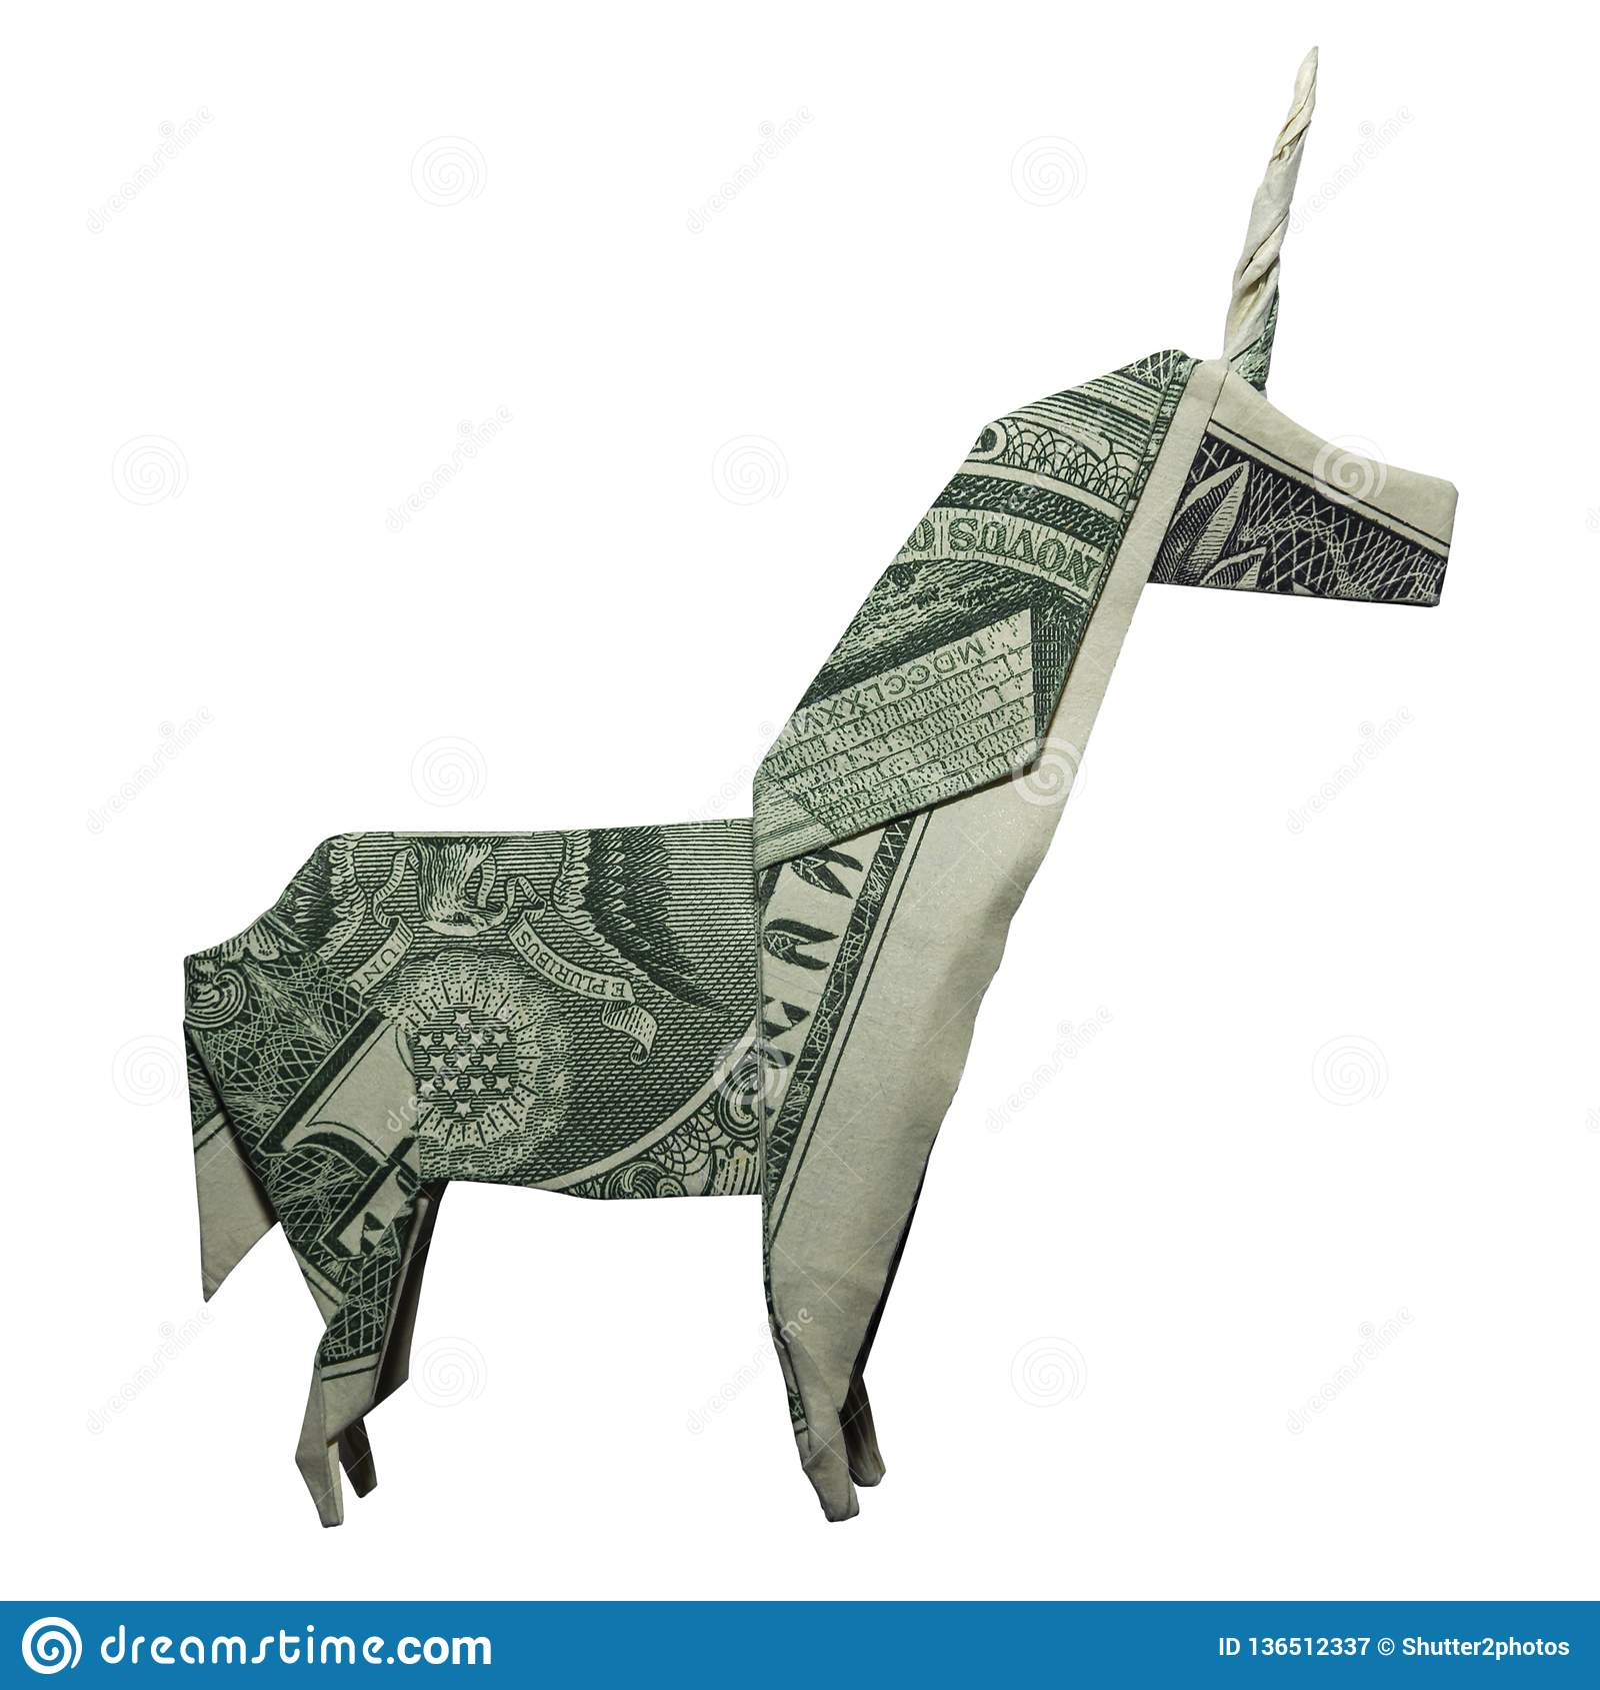 De Dollar Bill Isolated van UNICORN Mystic Animal Real One van de geldorigami op Witte Achtergrond